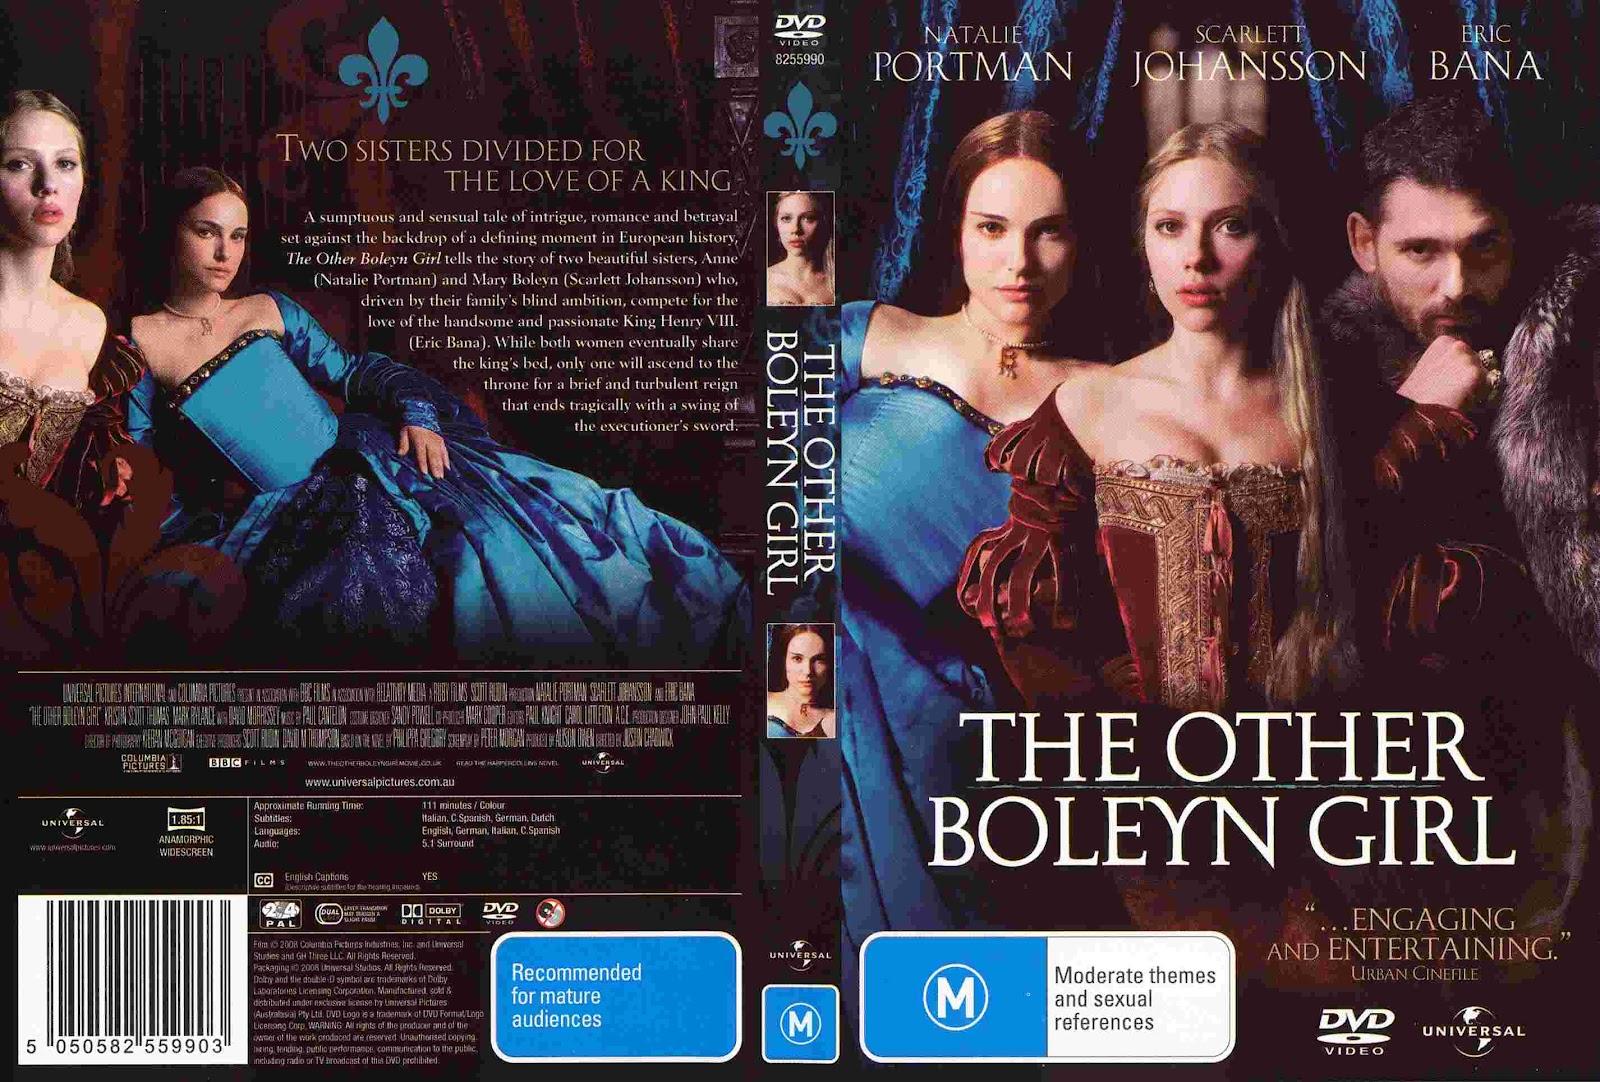 http://3.bp.blogspot.com/-AyGqGDKgkhQ/T29Svre9mAI/AAAAAAAAIfQ/QI0JKcmtmS4/s1600/The_Other_Boleyn_Girl_R4-%5Bfront%5D-%5Bwww.FreeCovers.net%5D.jpg